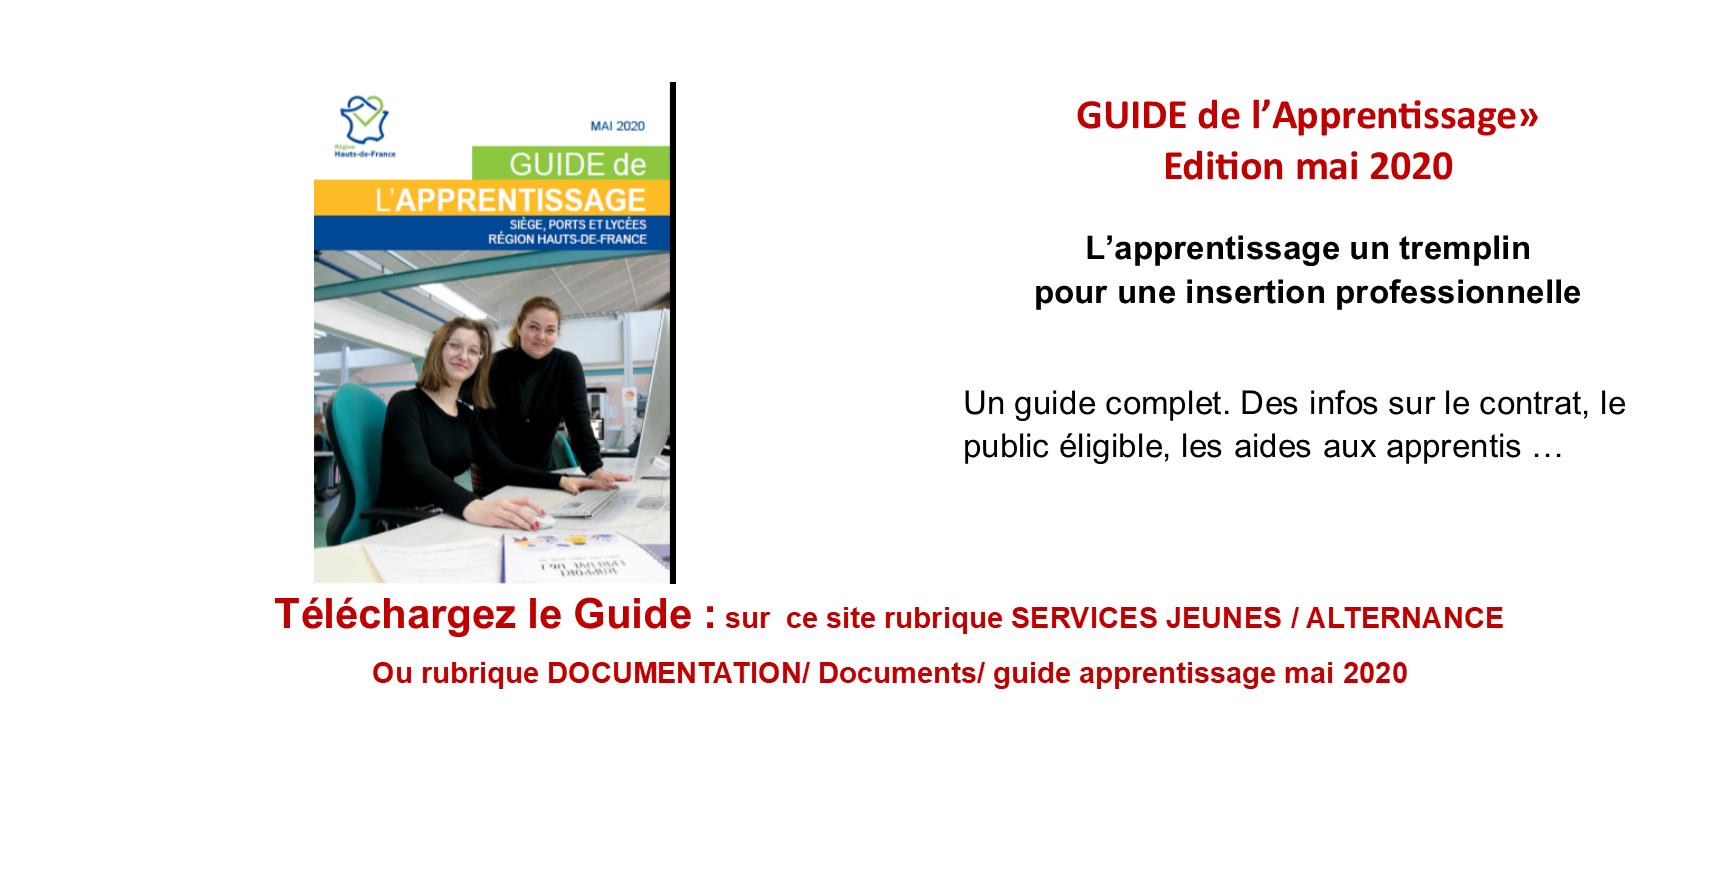 guide-apprentisage-mai-2020-v0.png